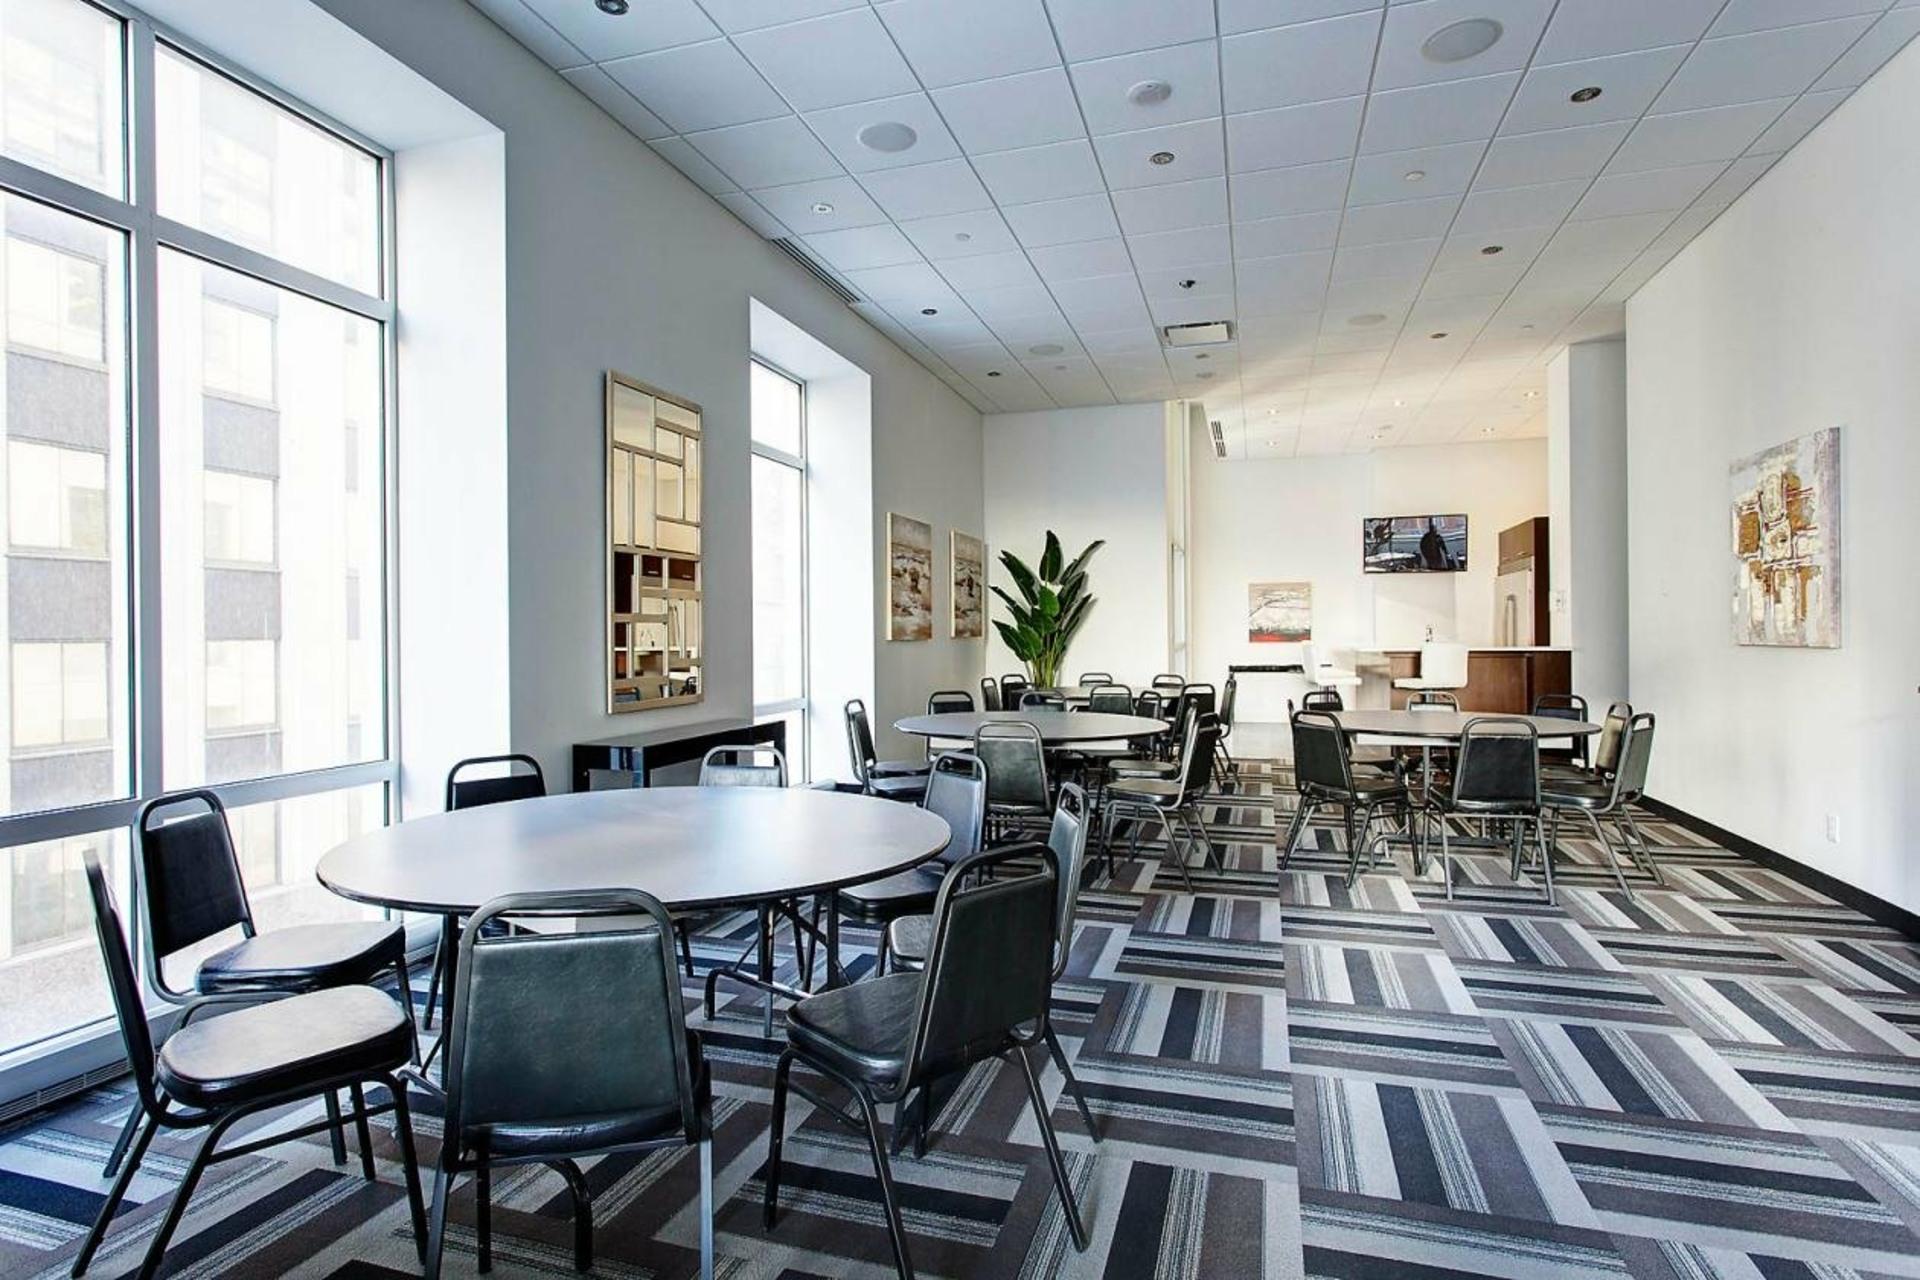 image 20 - Apartment For sale Montréal Ville-Marie  - 5 rooms